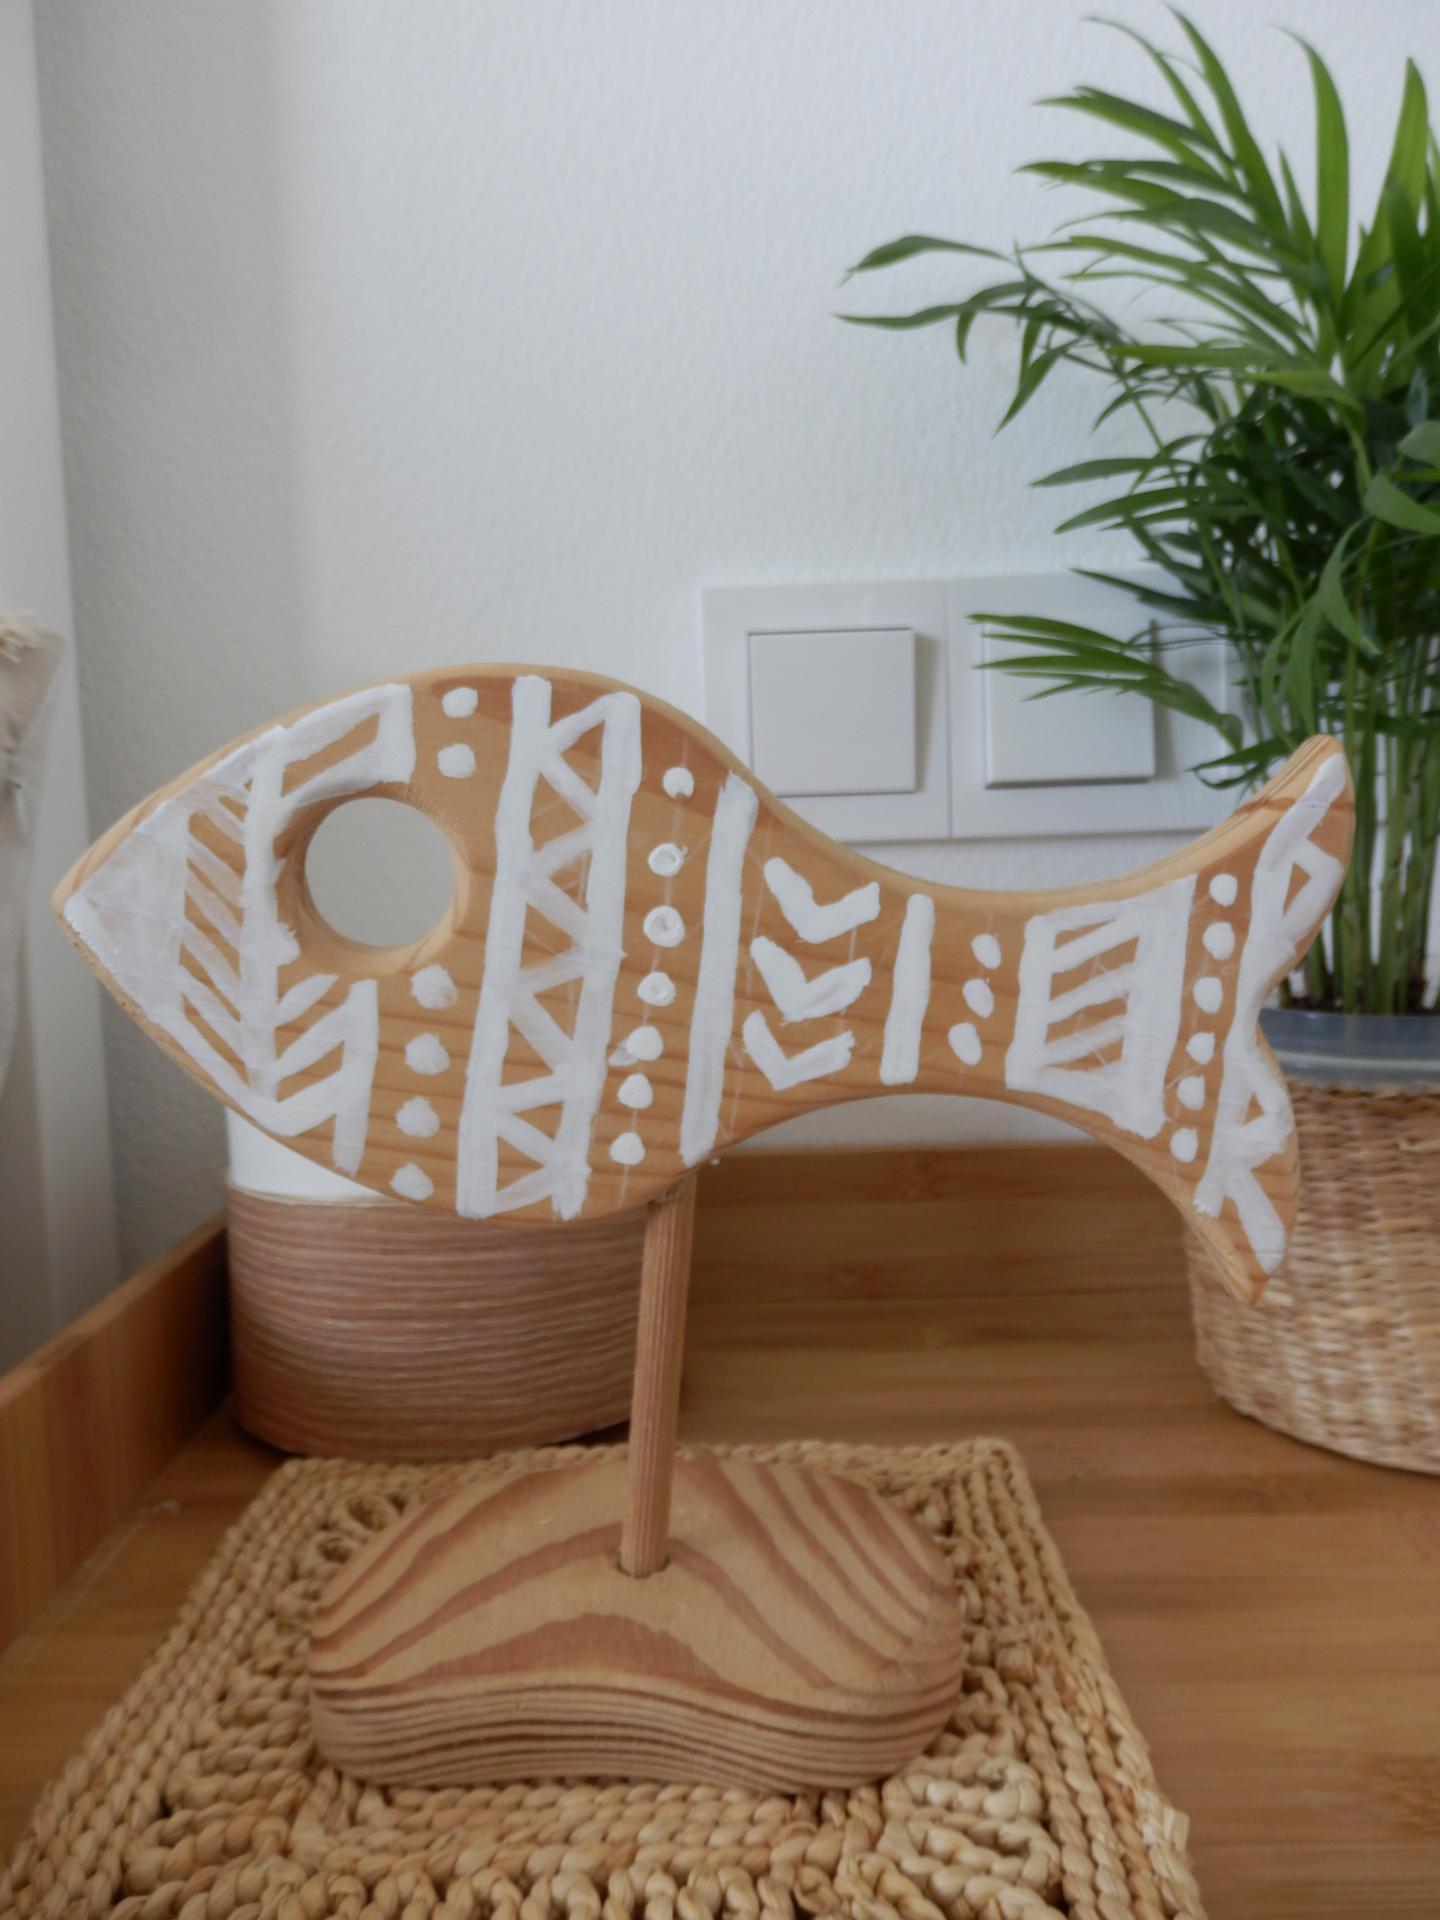 Tvoření je radost - Dřevěná ryba z vetešnictví, štětec, bílá barva na dřevo.